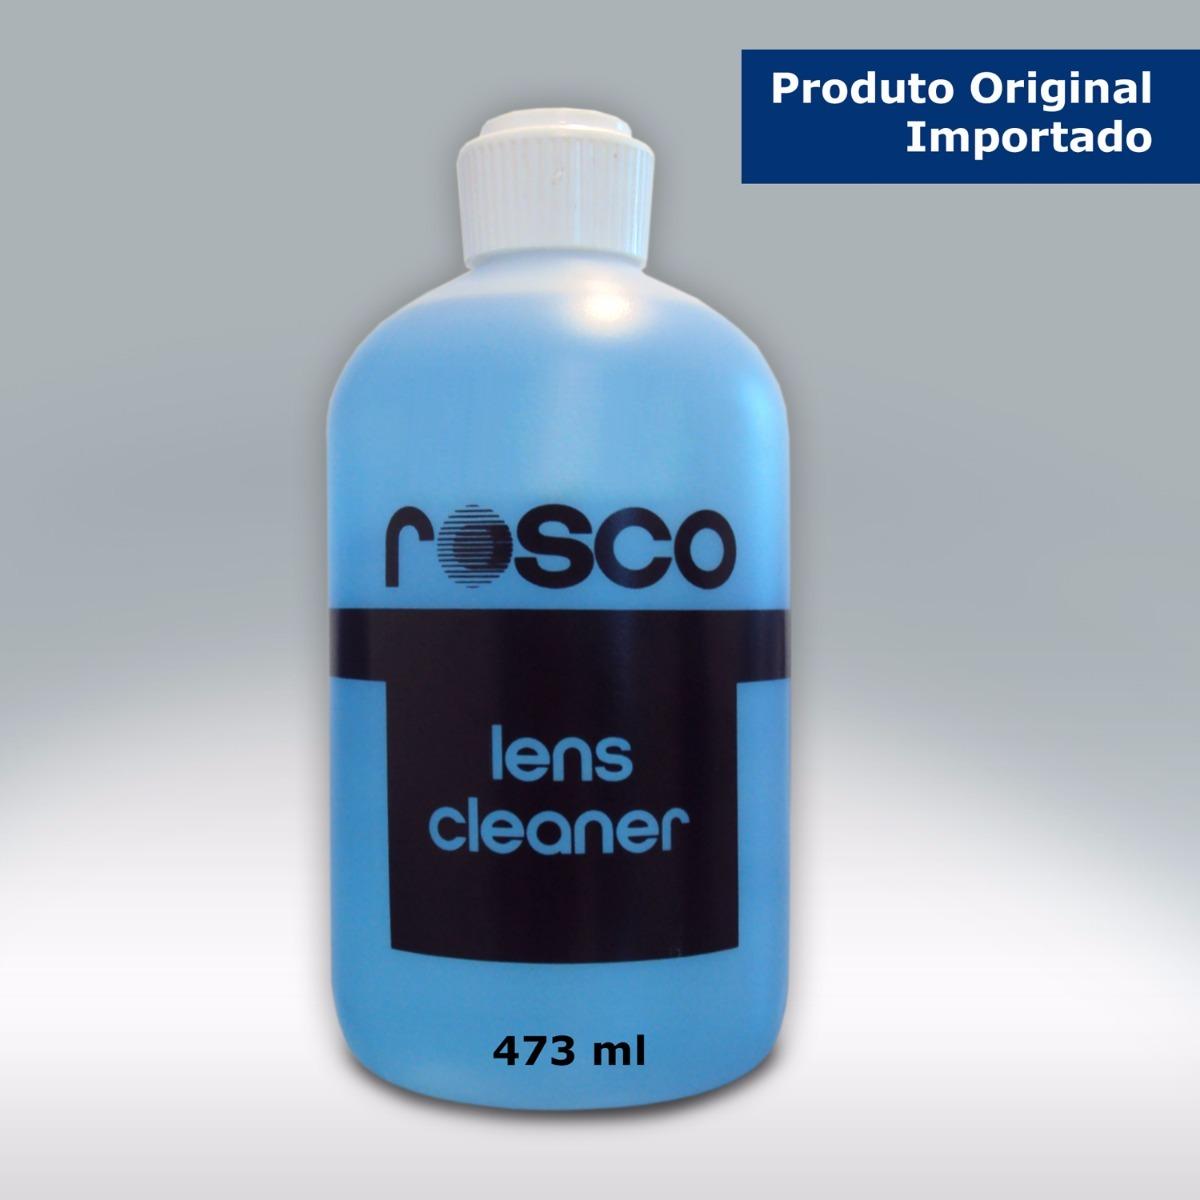 Limpa Lentes Rosco Lens Cleaner 473ml Frasco - Original - R  55,05 ... 0a6b6ecd5a